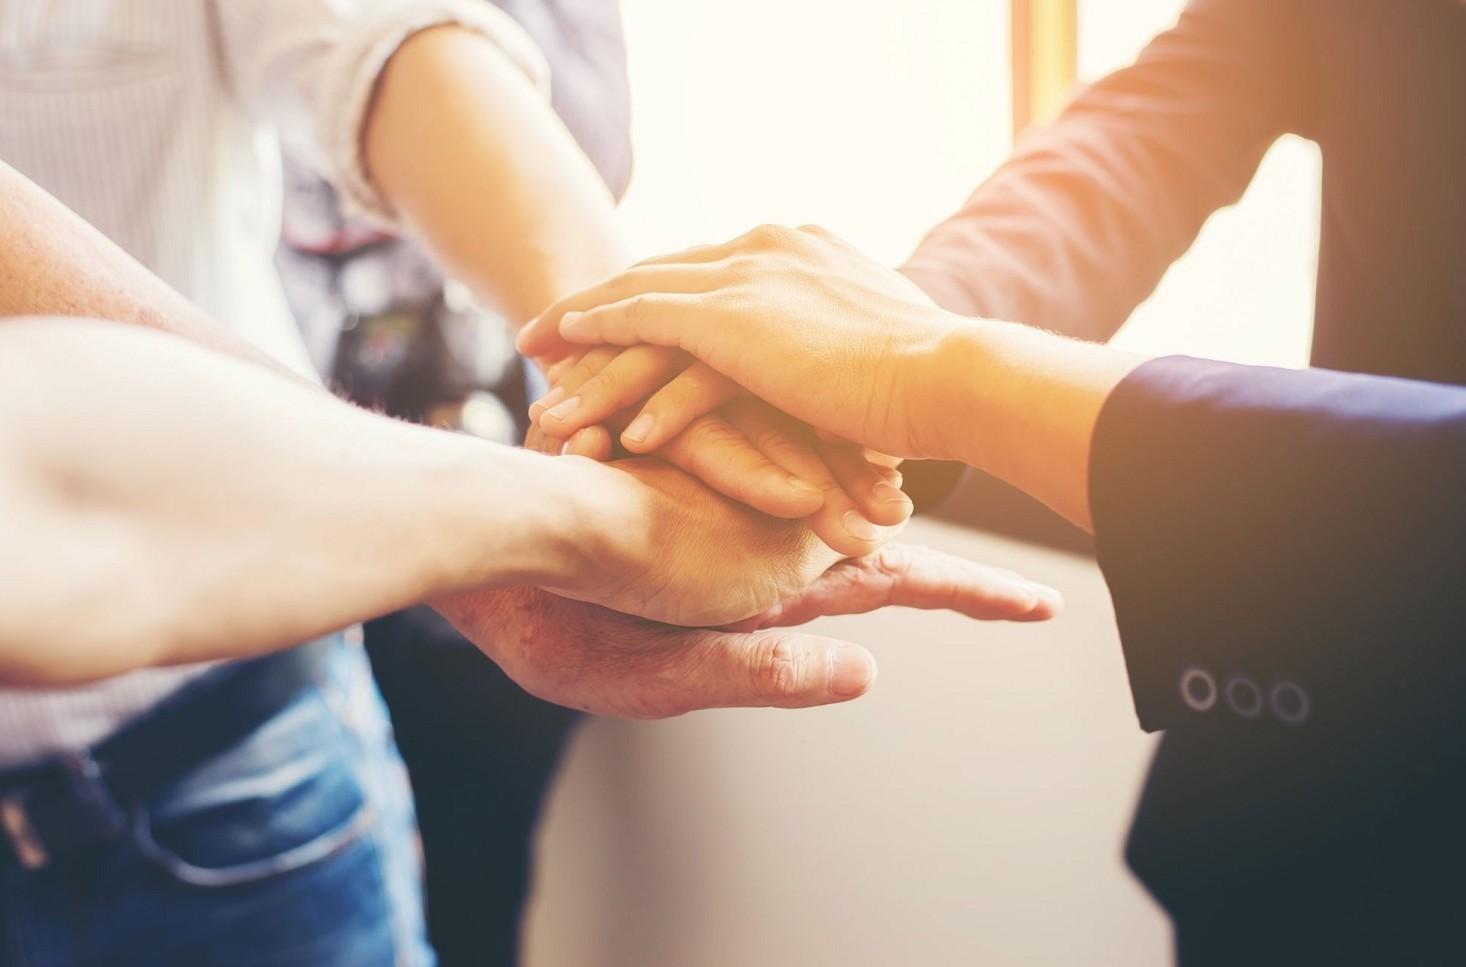 Contratto cooperative sociali 2019-2020 passaggi di livello ogni quanto tempo, per chi e come avvengono